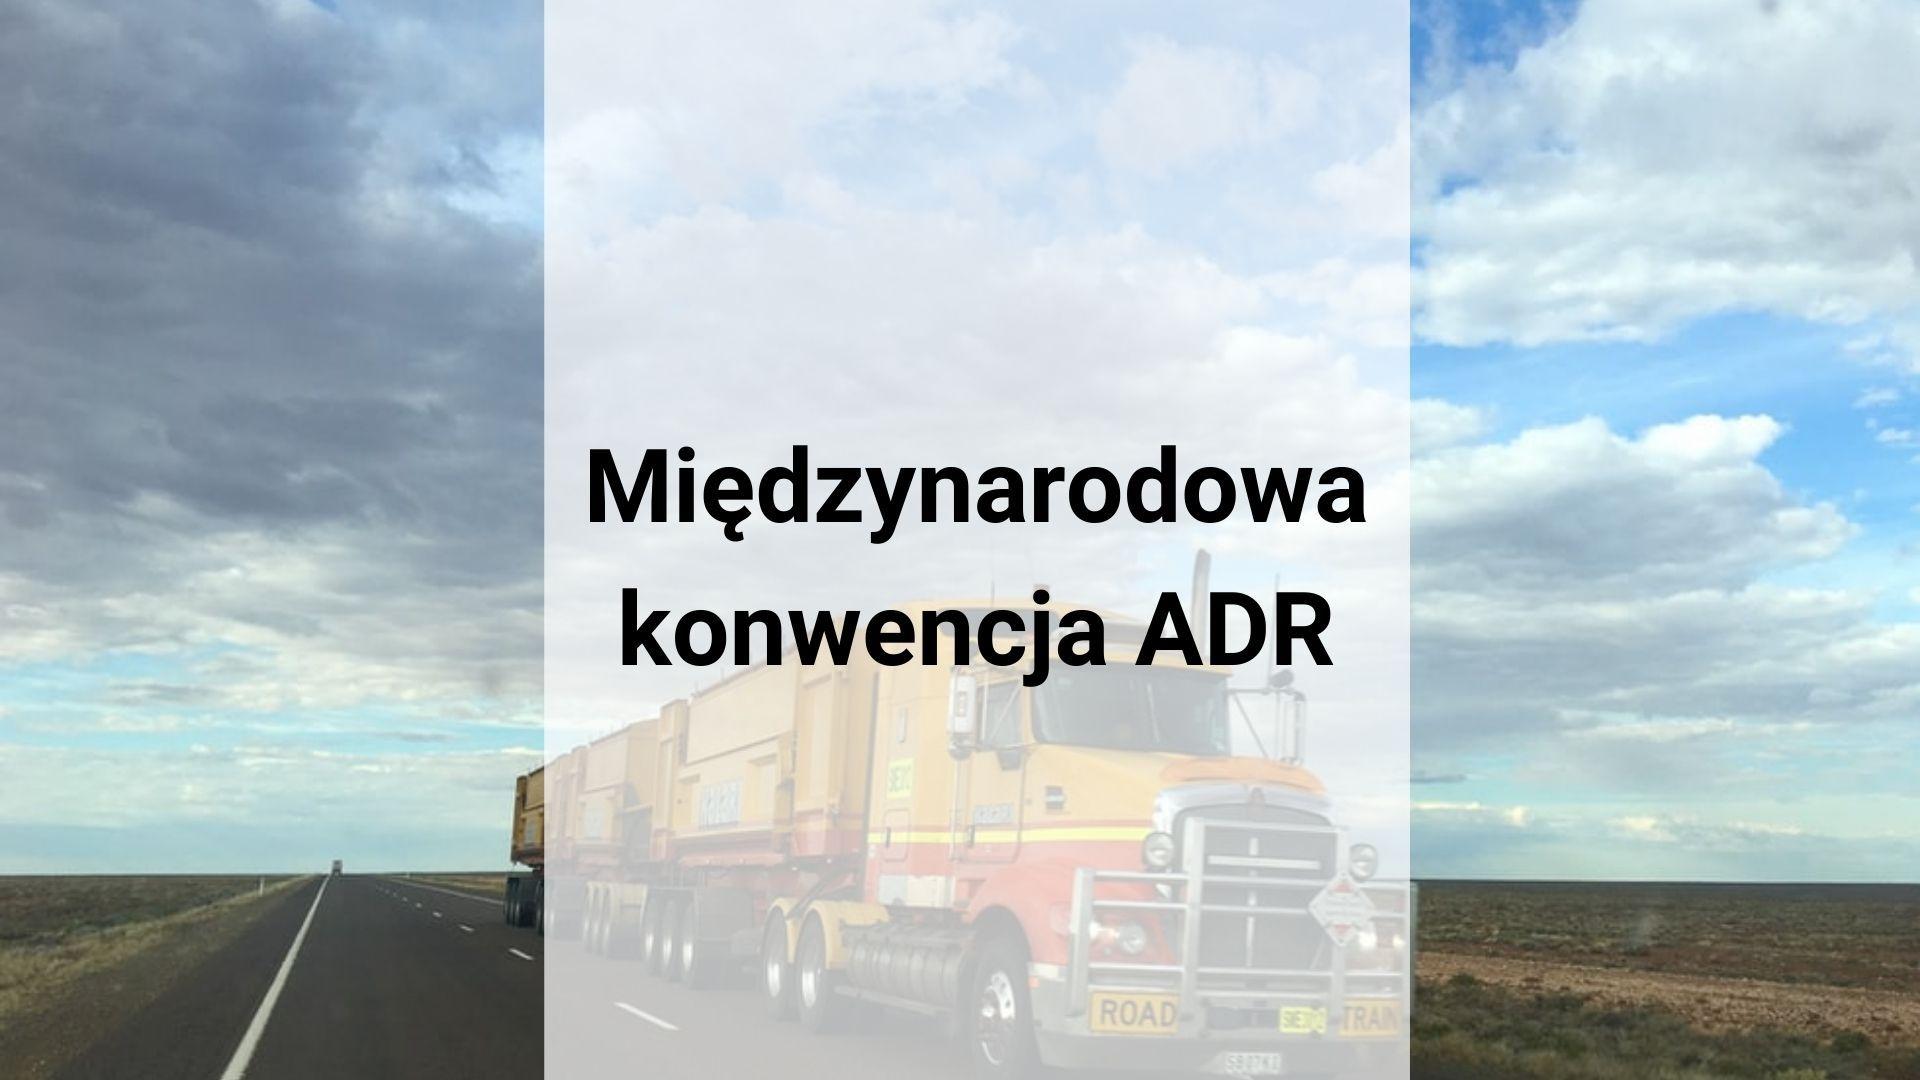 Międzynarodowa konwencja ADR